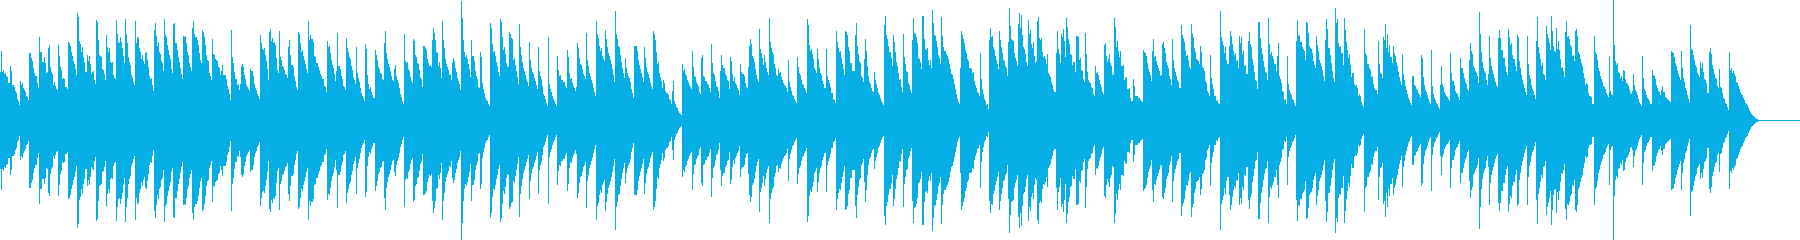 アヴェ・ヴェルム・コルプス(オルゴール)の再生済みの波形